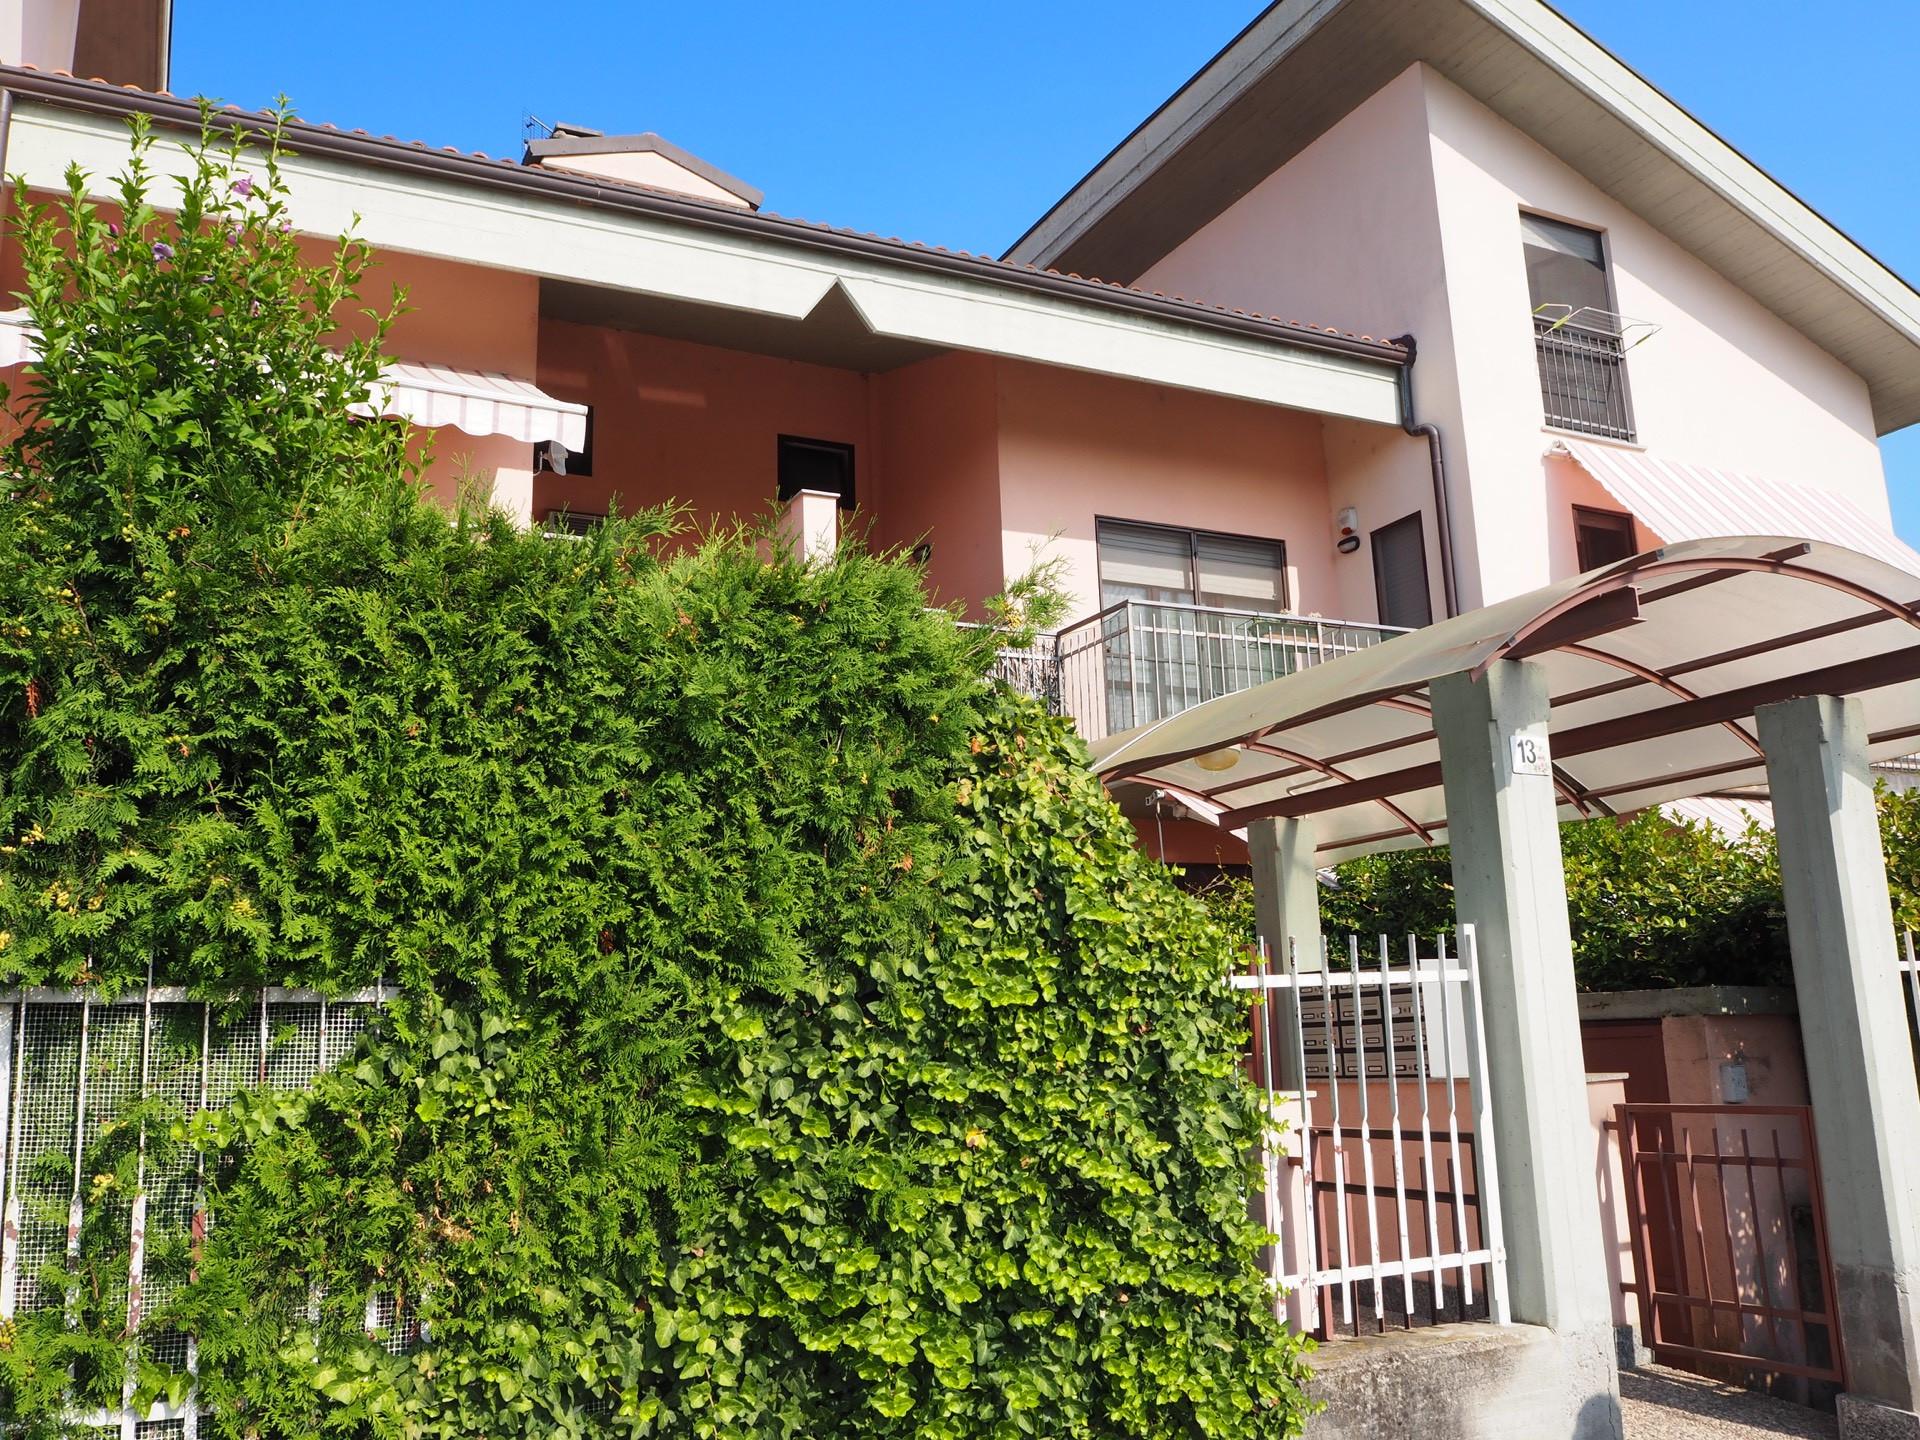 Appartamento in vendita a Verolengo, 4 locali, prezzo € 129.000 | PortaleAgenzieImmobiliari.it